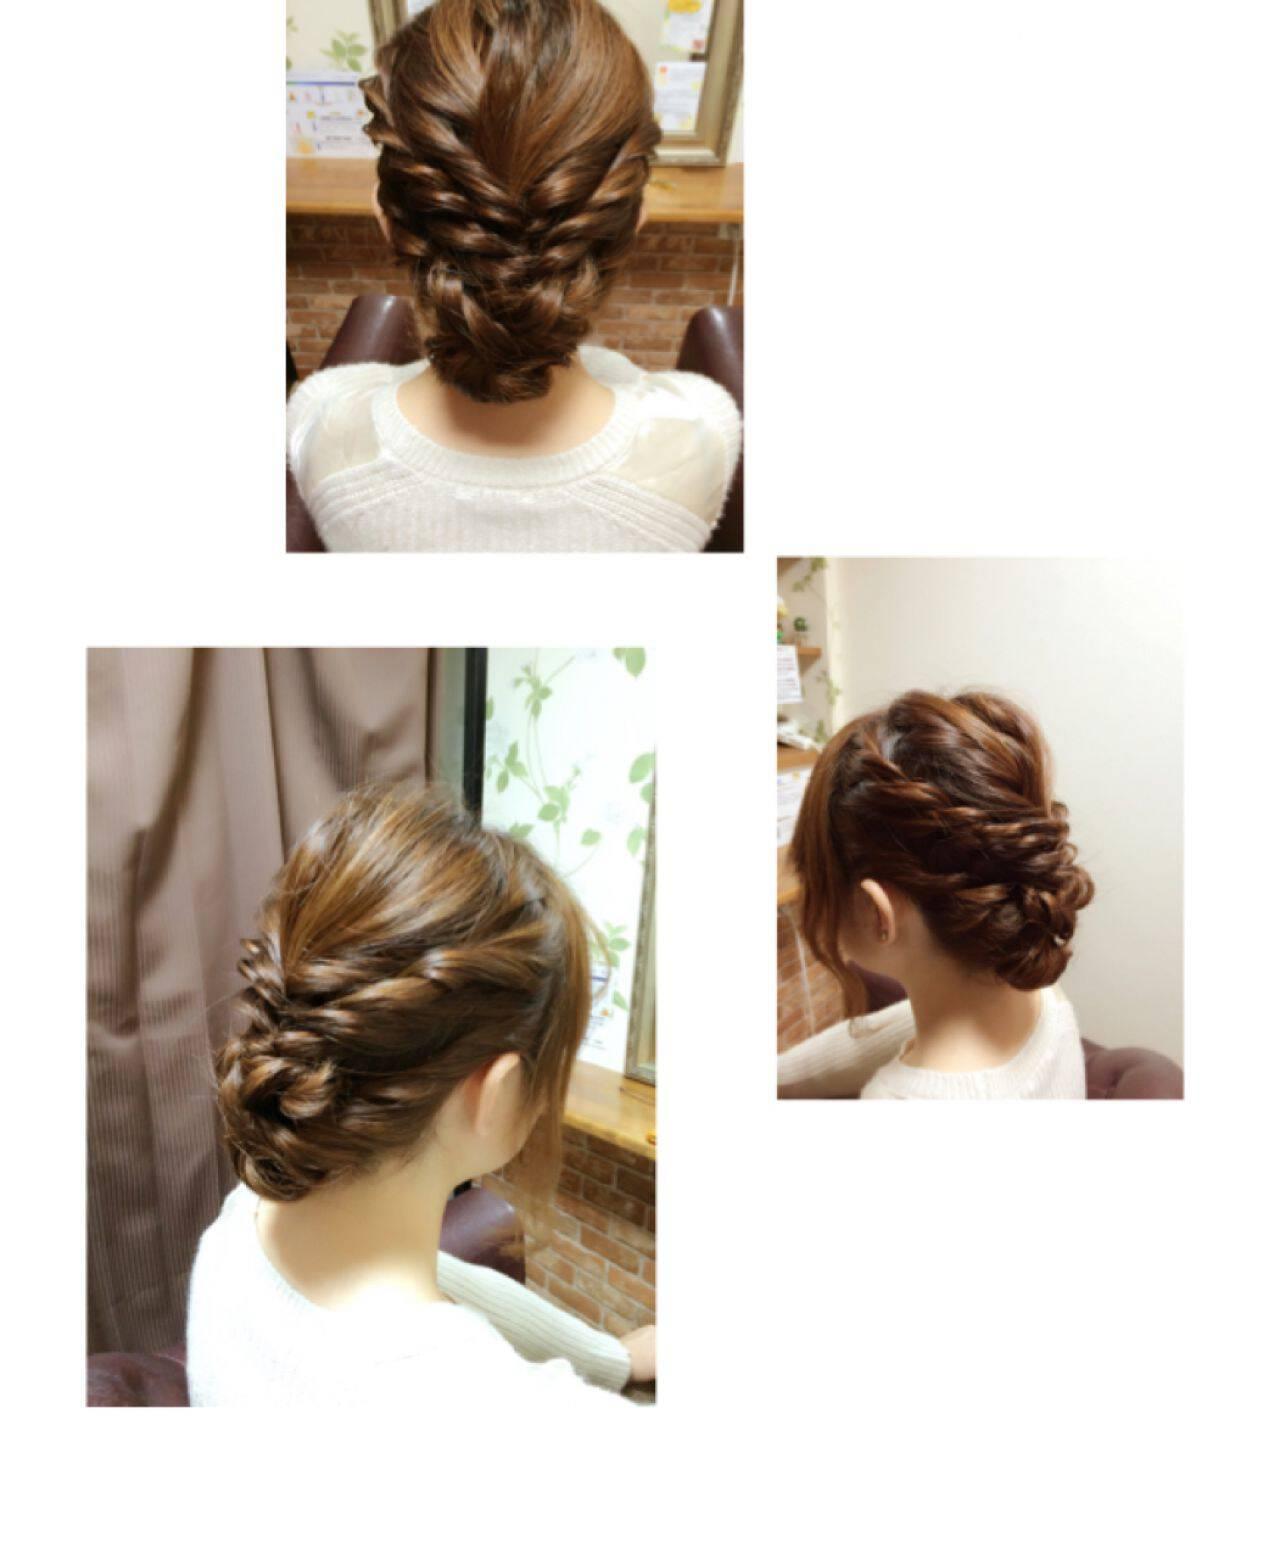 ナチュラル ロープ編み 大人かわいい ヘアアレンジヘアスタイルや髪型の写真・画像